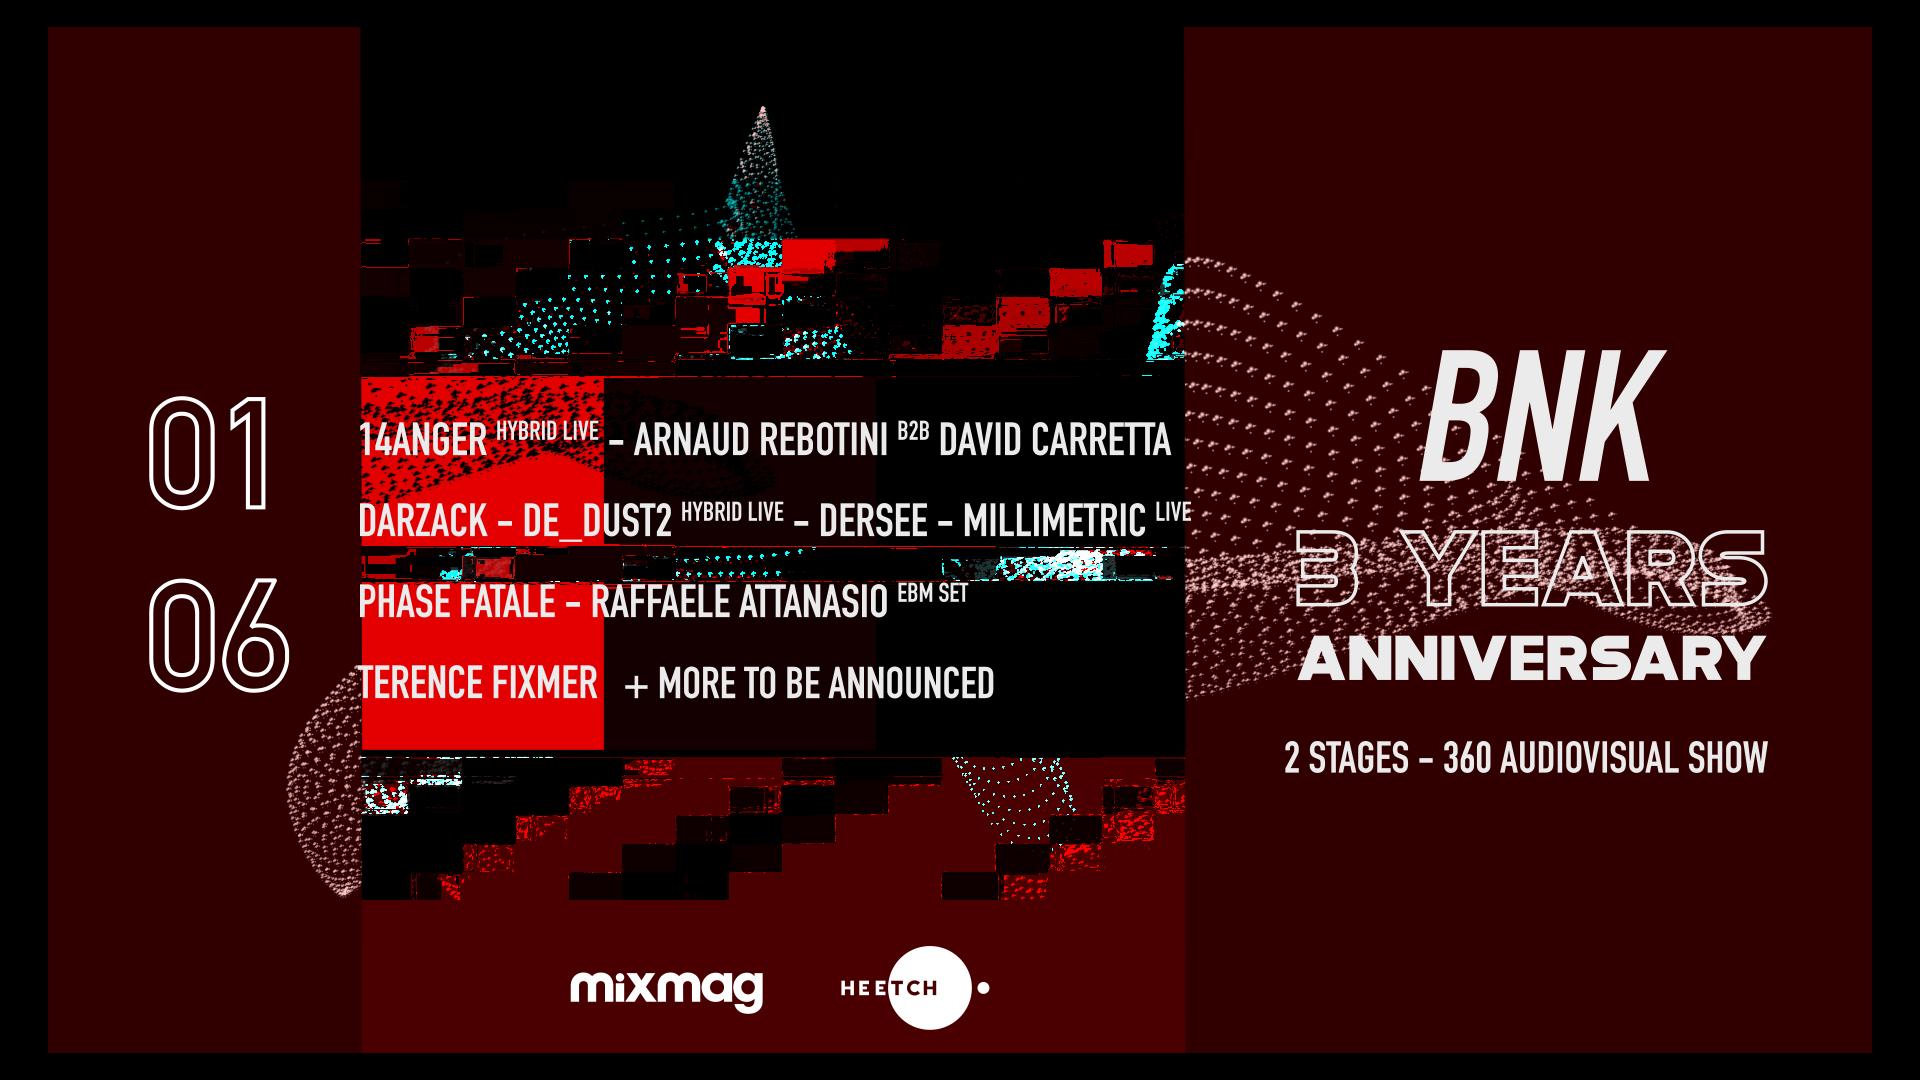 BNK : 3 Years Anniversary